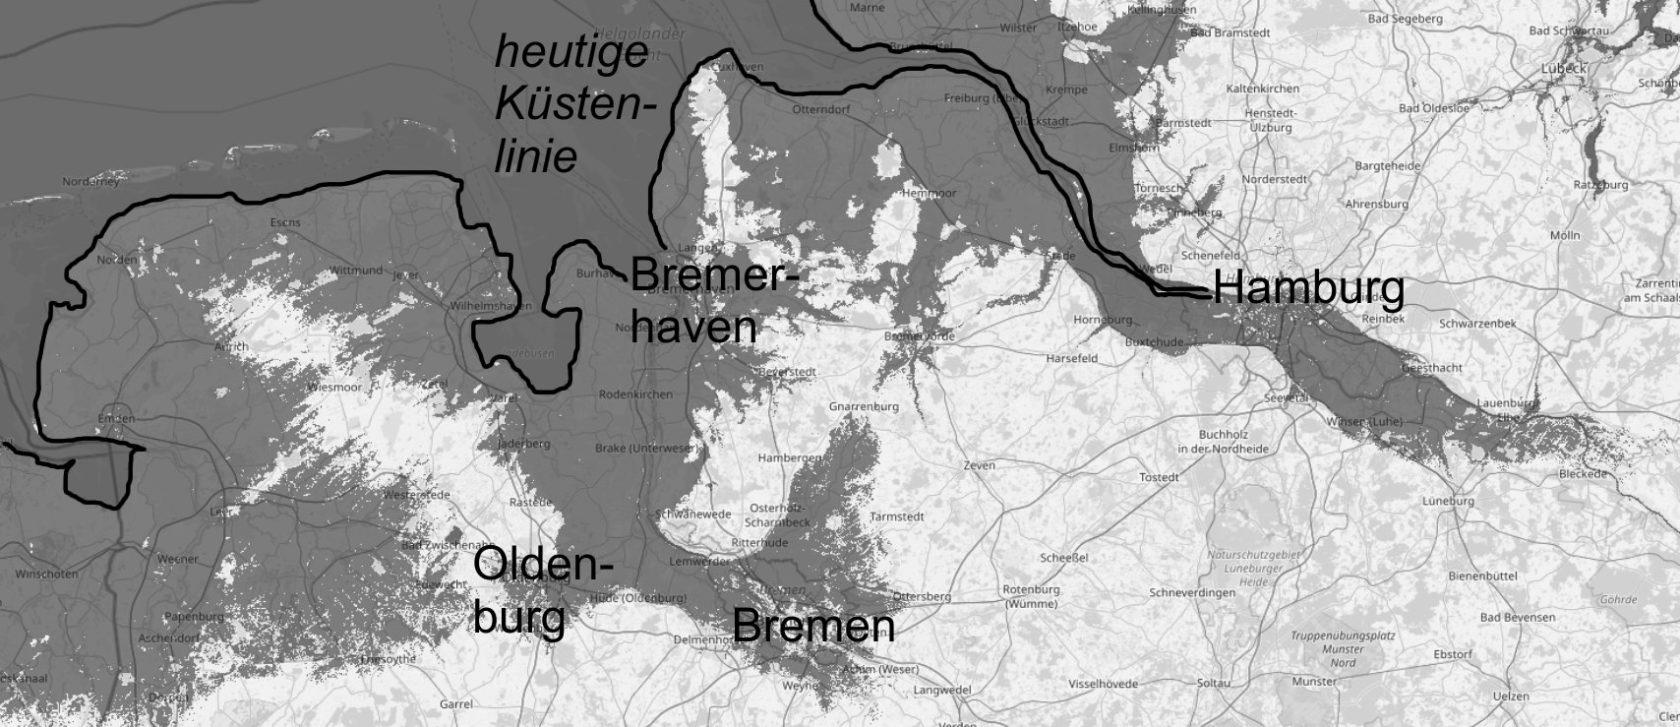 Deutsche Nordseeküste bei 5 Meter Meeresspiegelanstieg